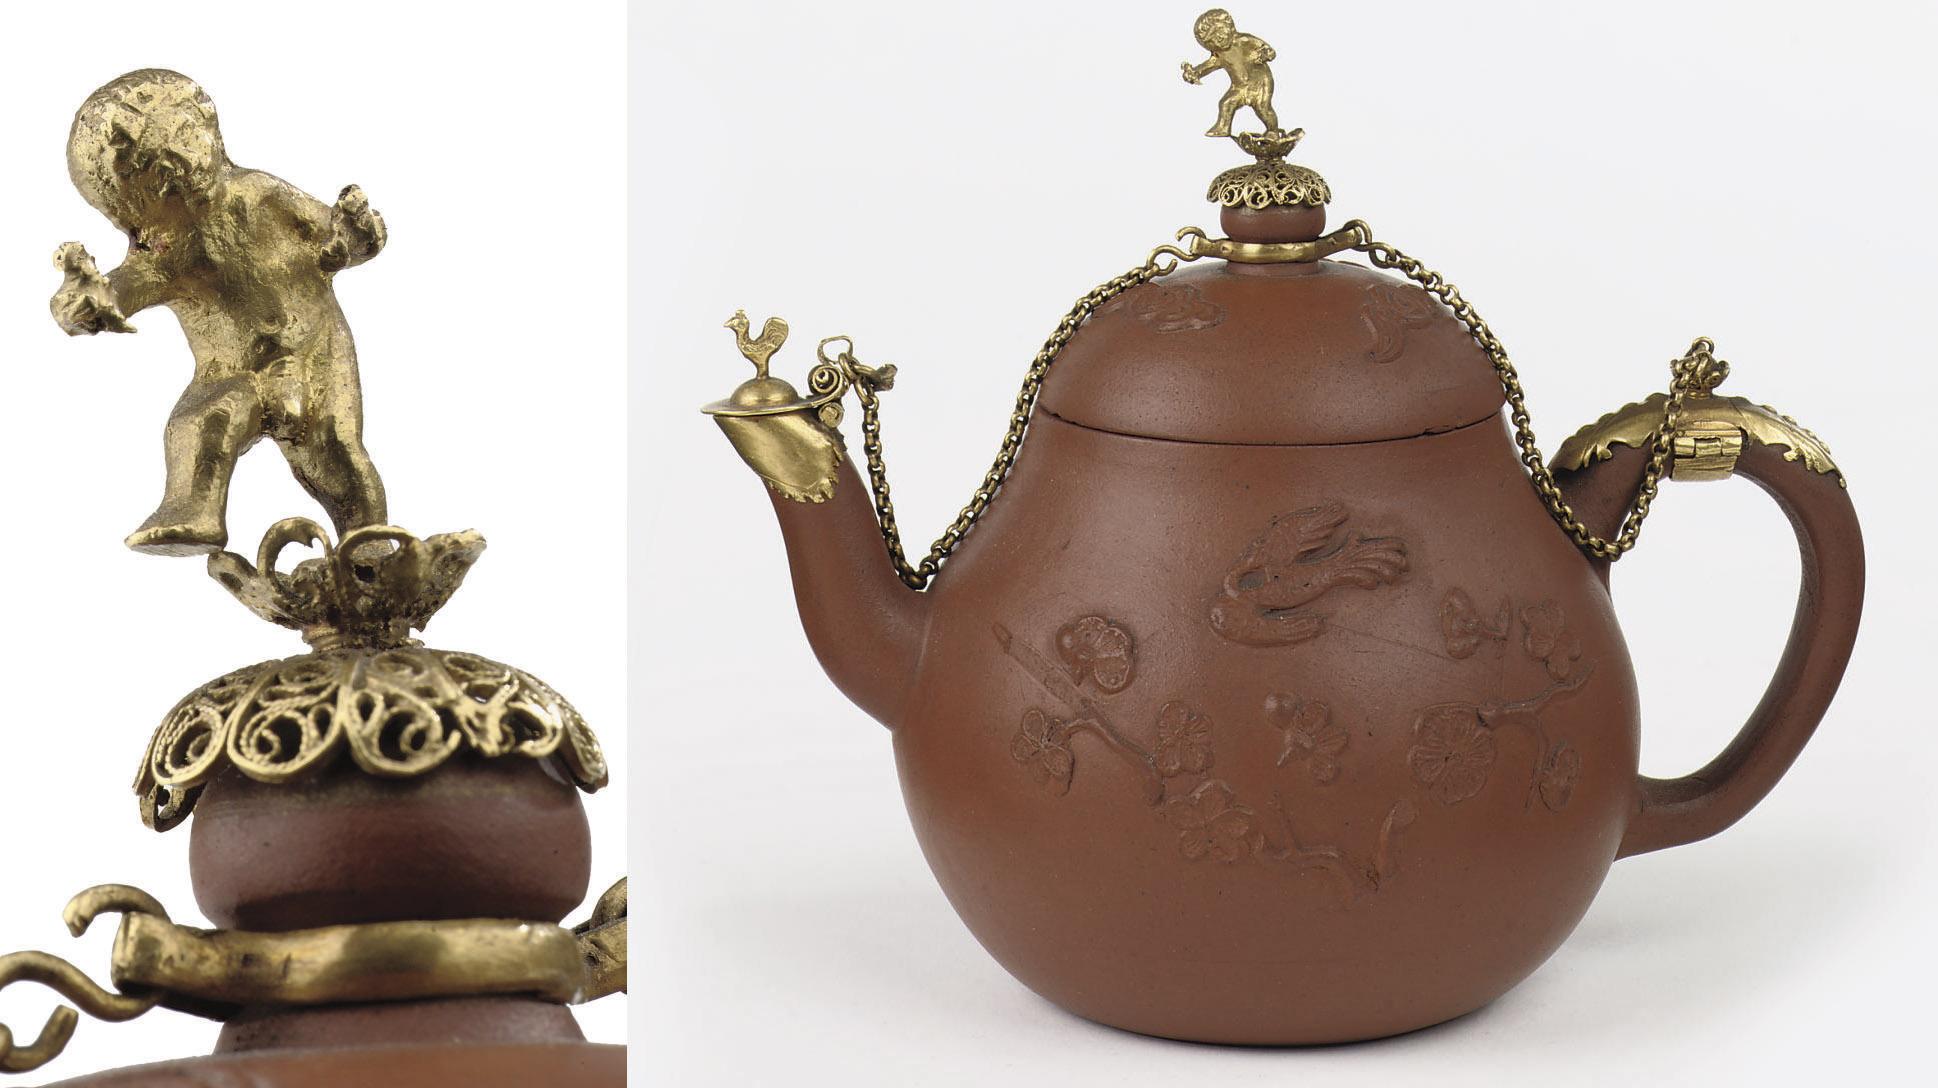 A Chinese Yixing stoneware gol